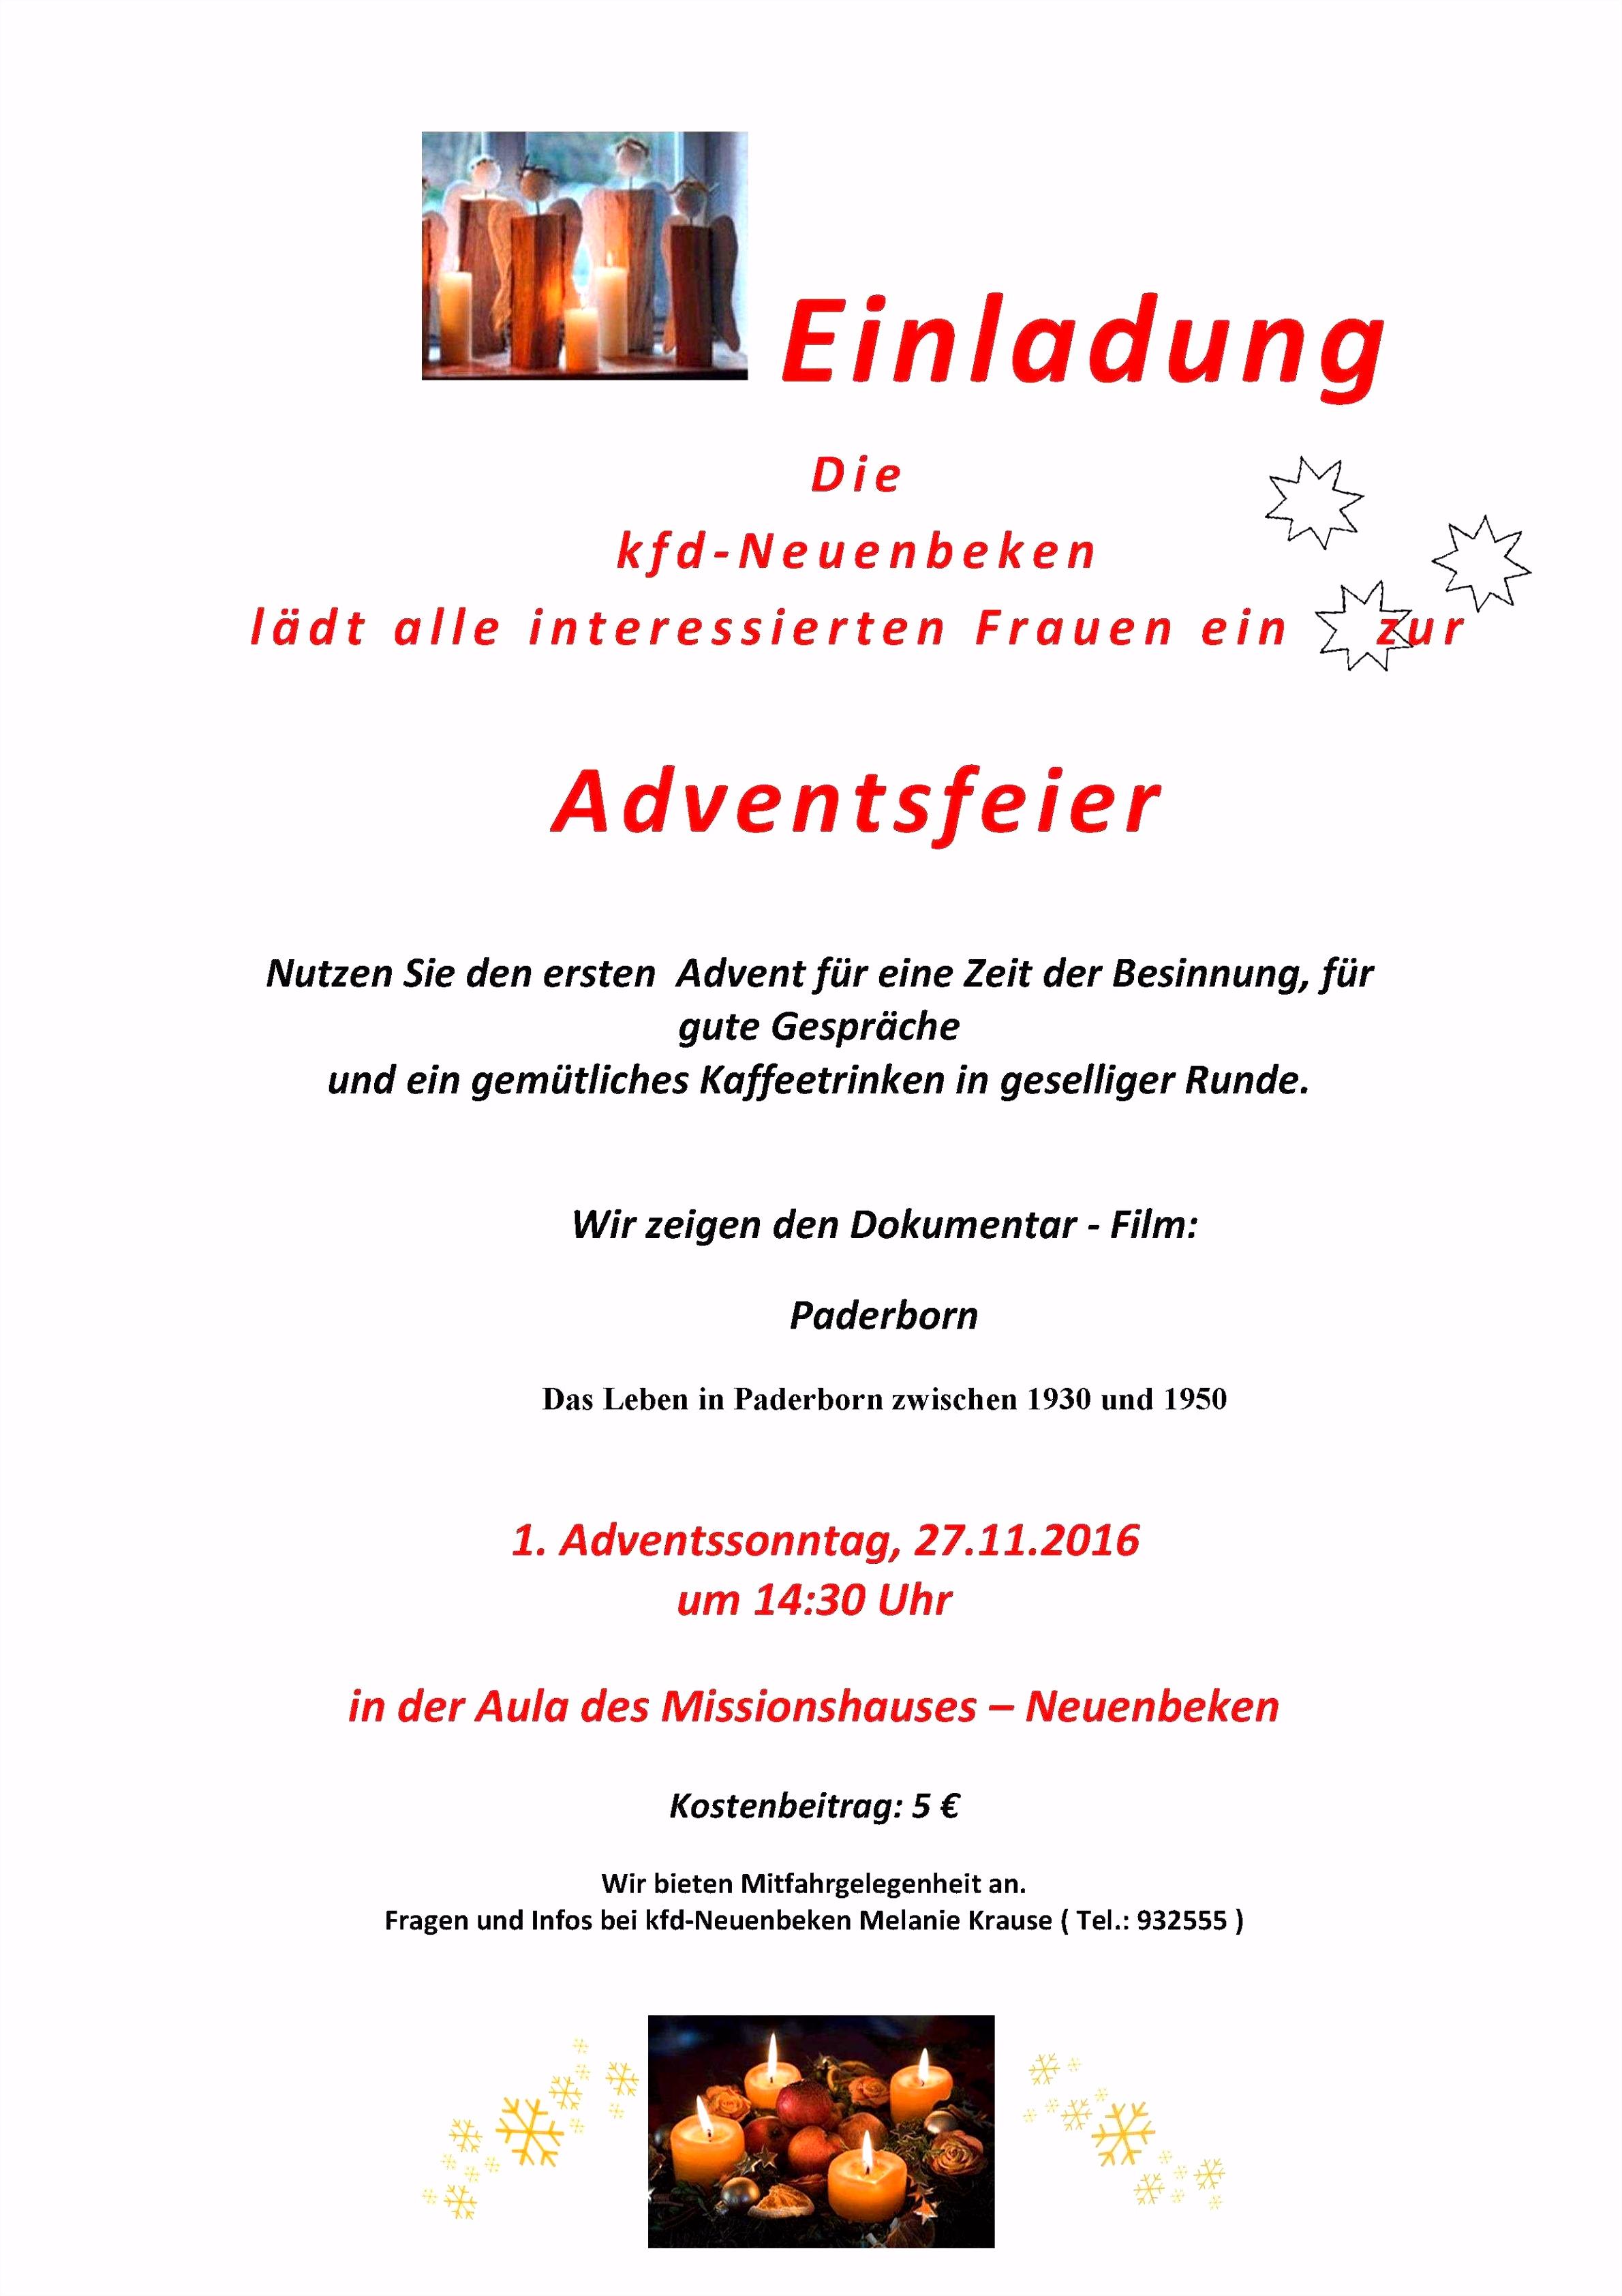 Prozesslandkarte Vorlage Word 14 Genial Restaurant Gutschein Vorlage Bilder Z6rt04oec5 E4mwm4lhd4